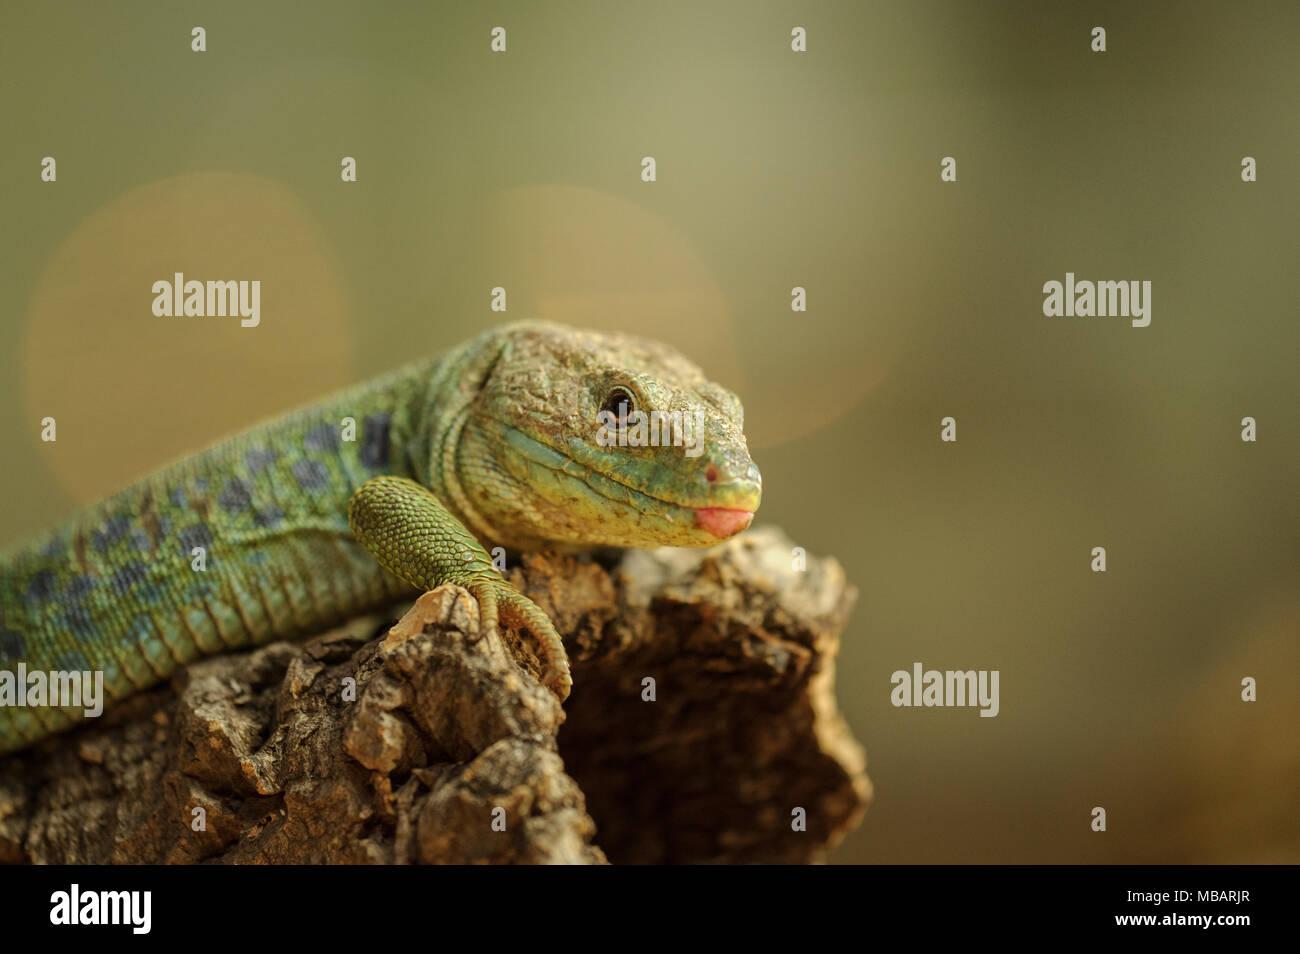 Ocellated lizard de lado Imagen De Stock